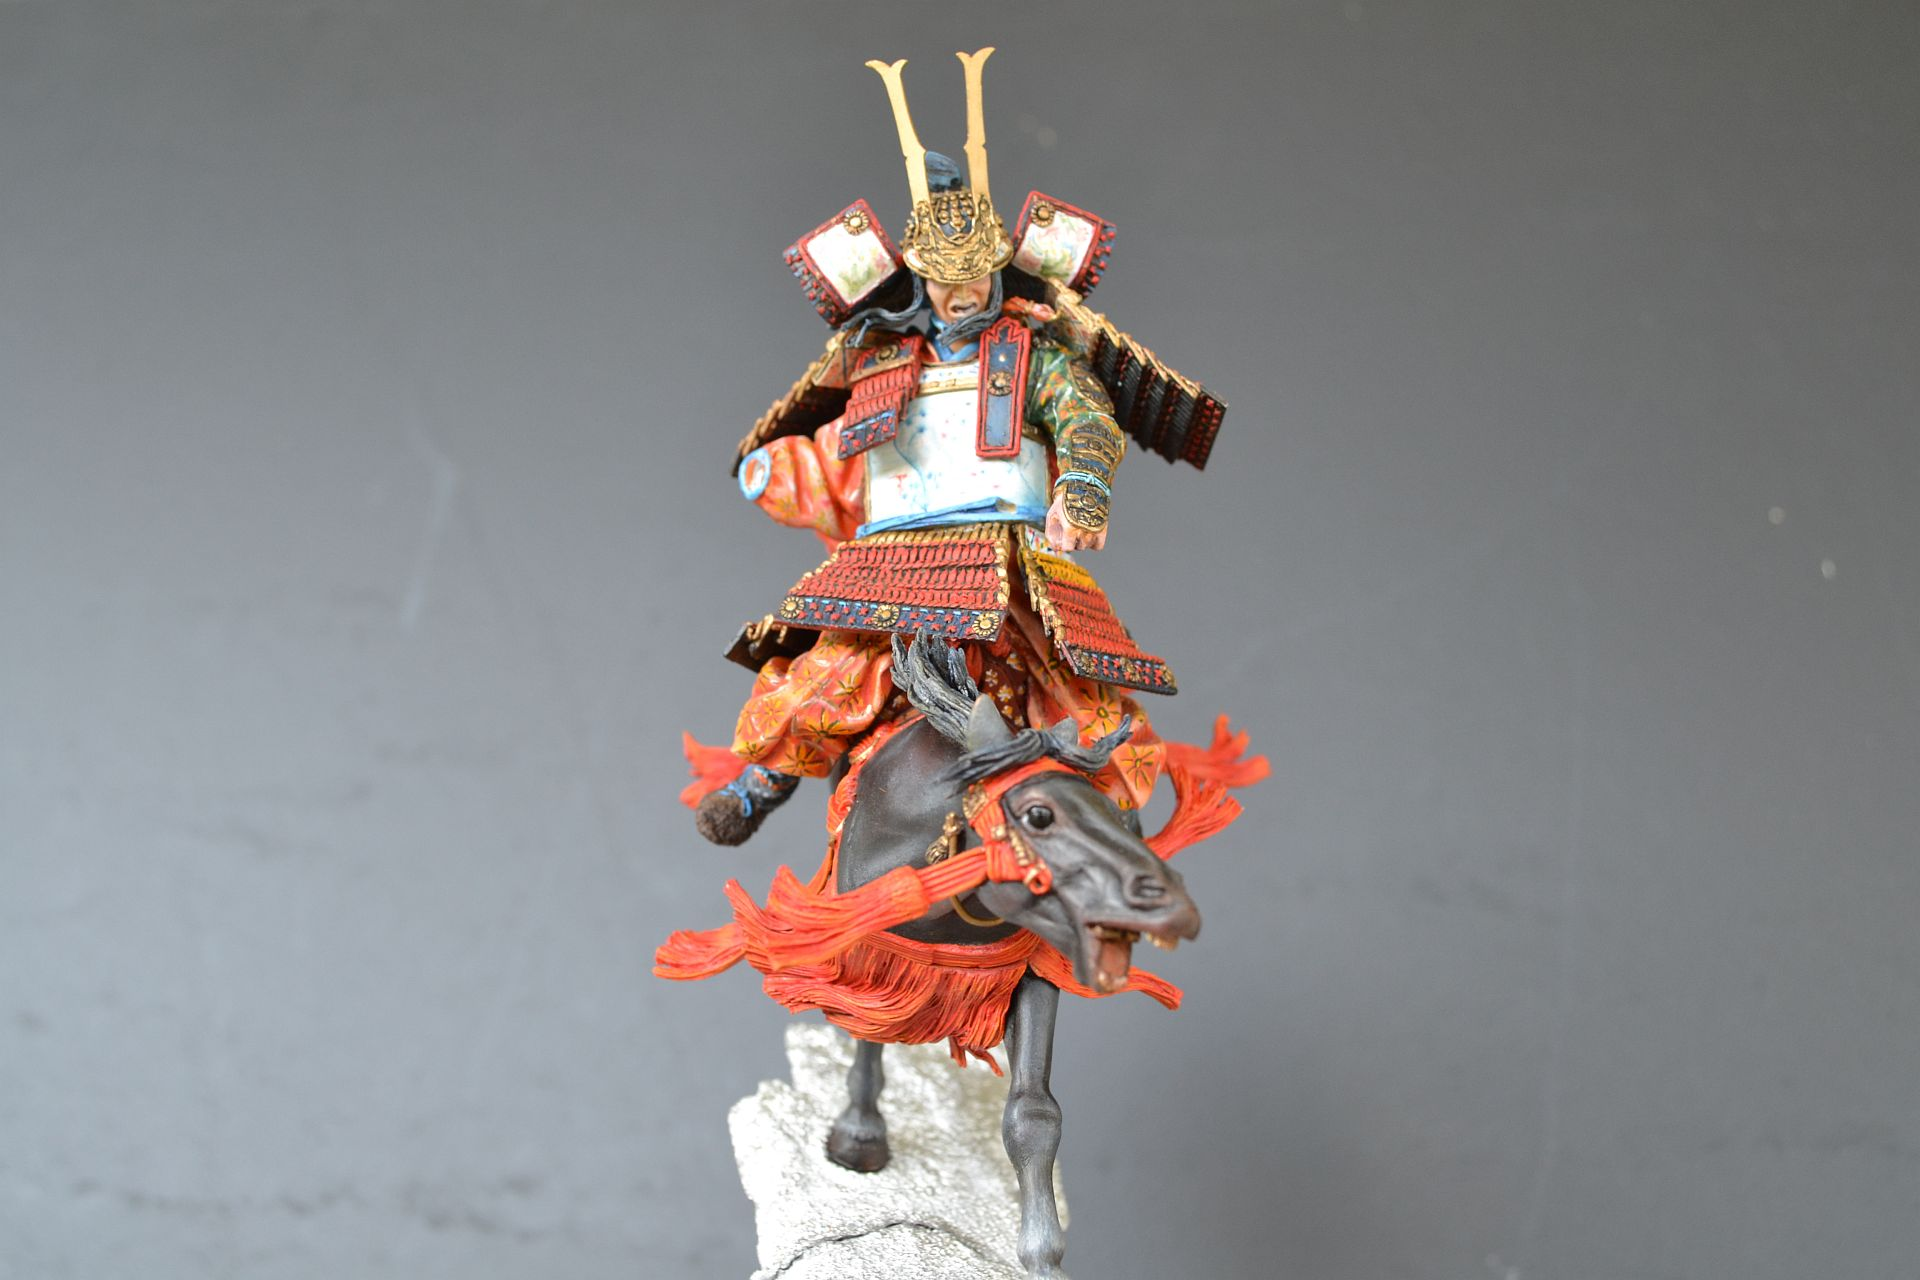 figurine pegaso - samouraï 90 mm - Page 3 160811060120436596